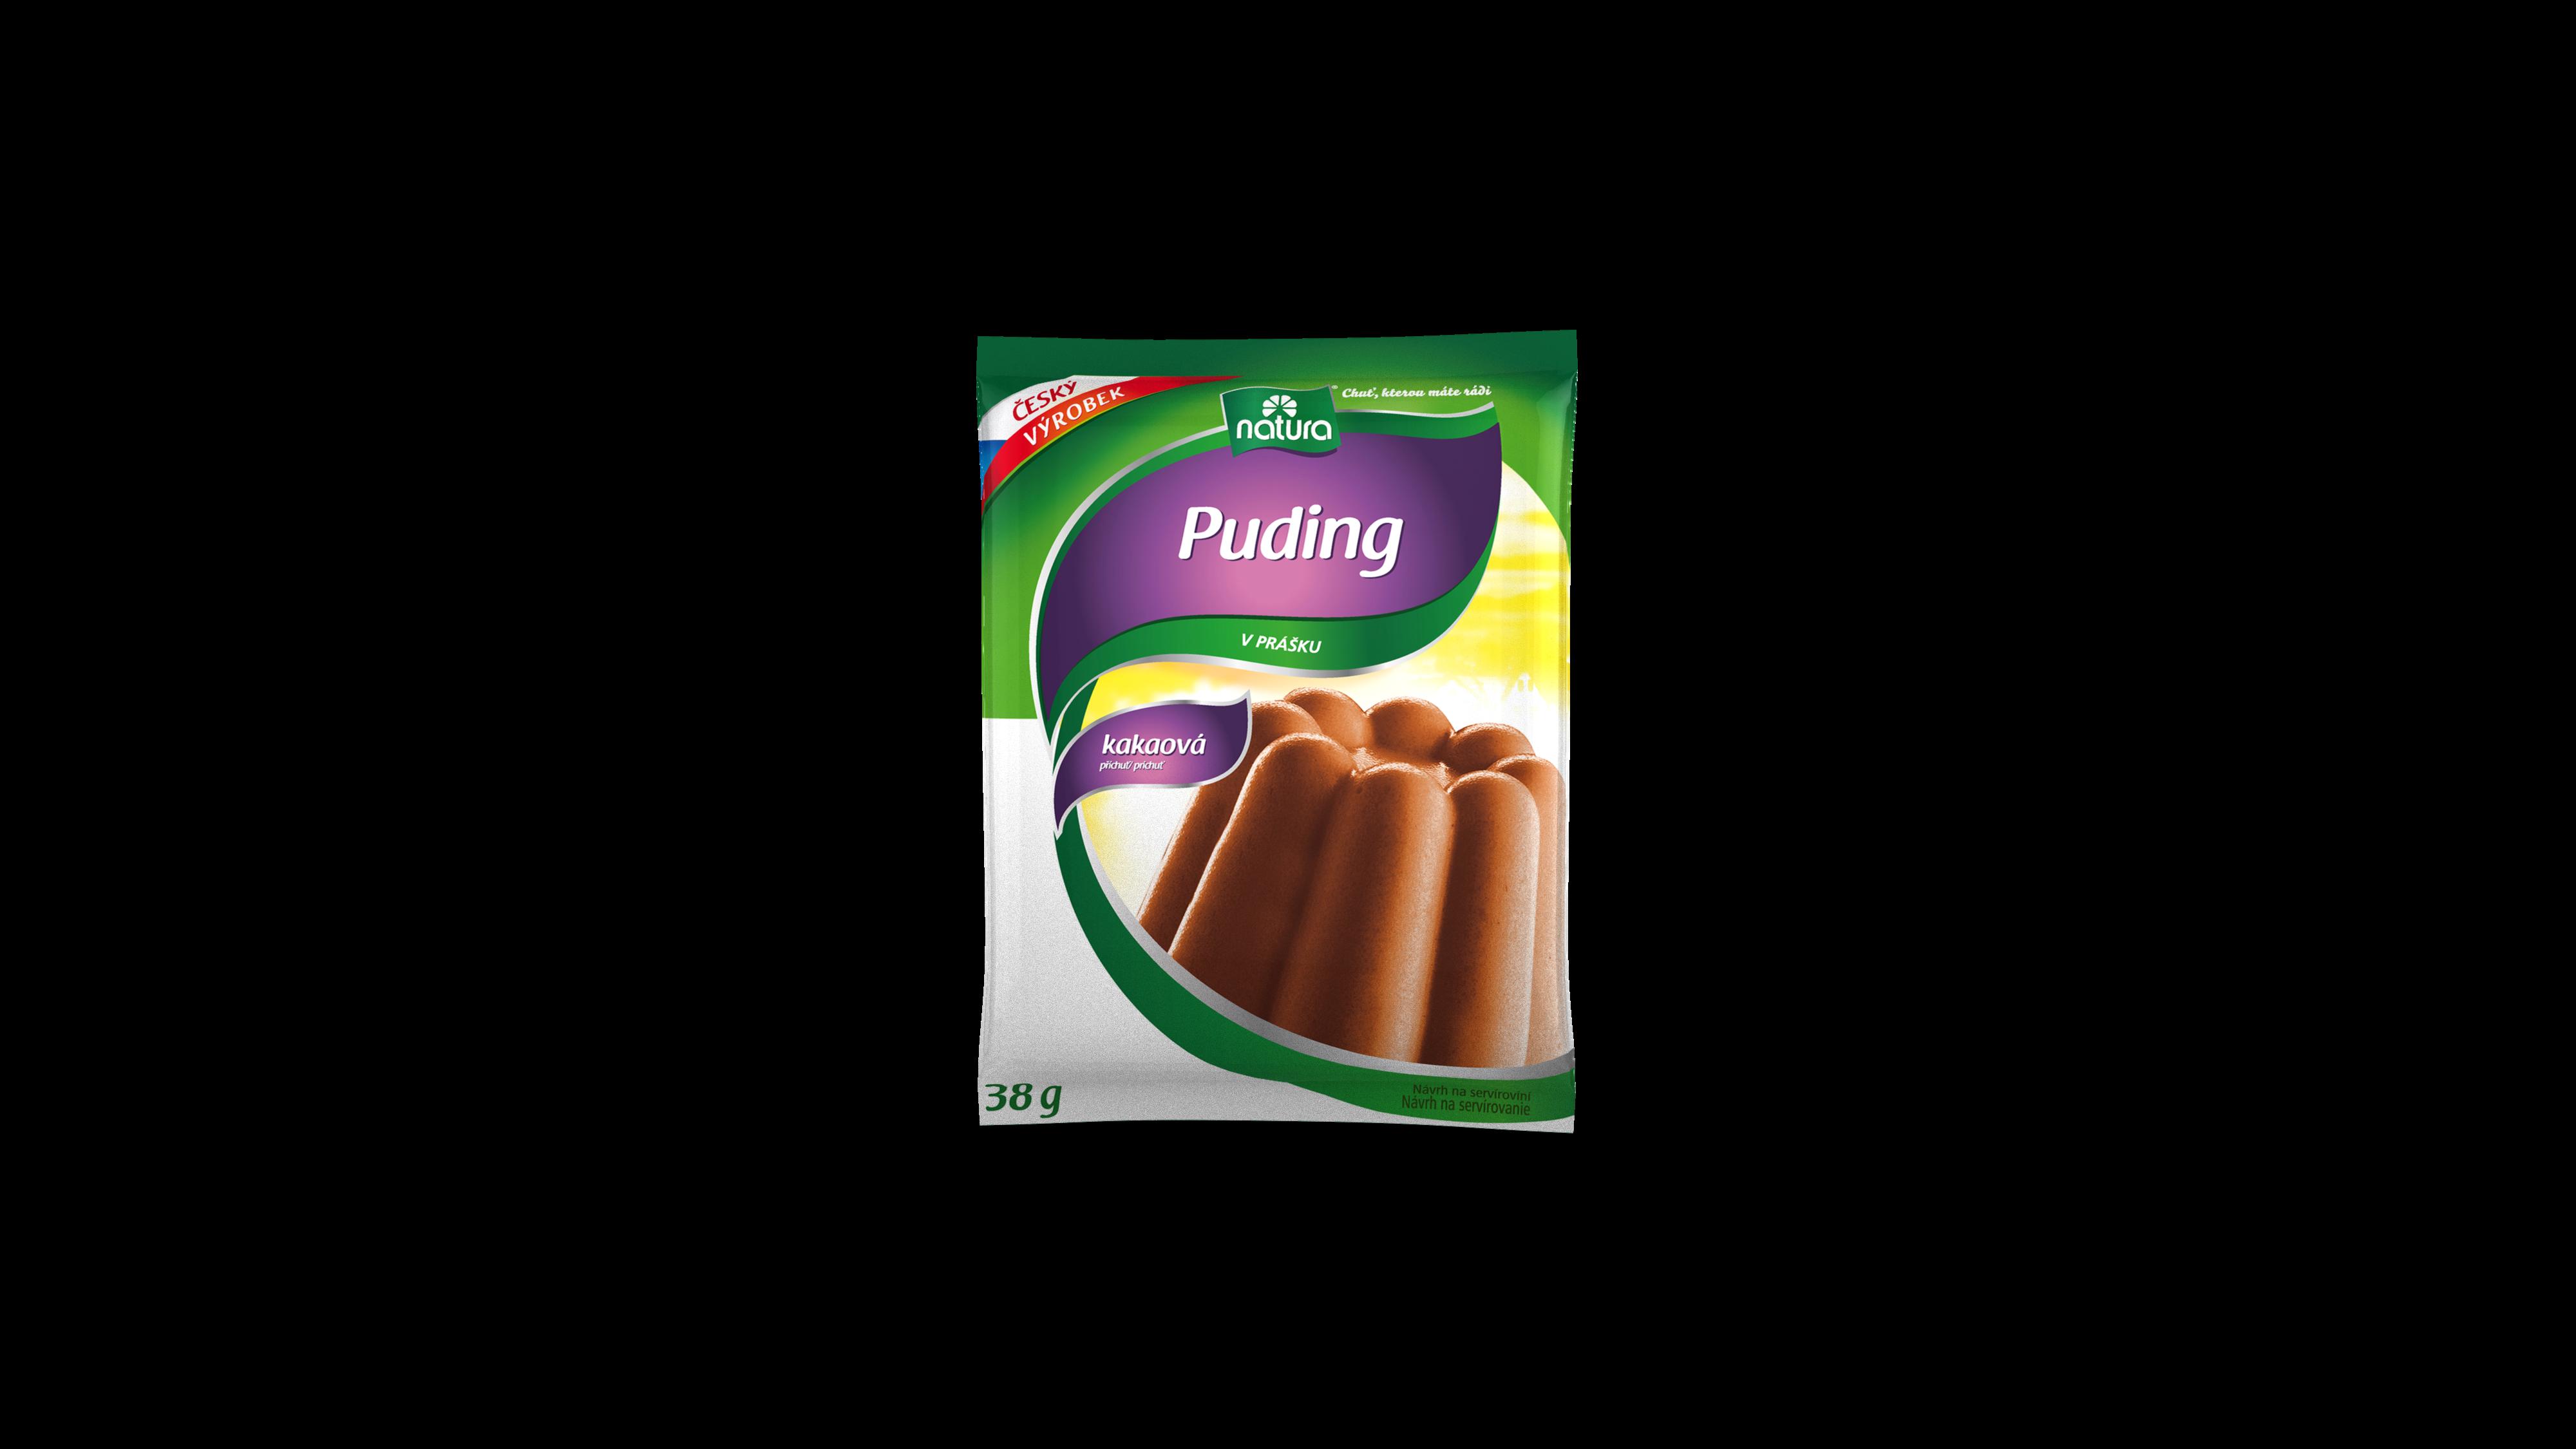 Značka Puding-cokoladovy